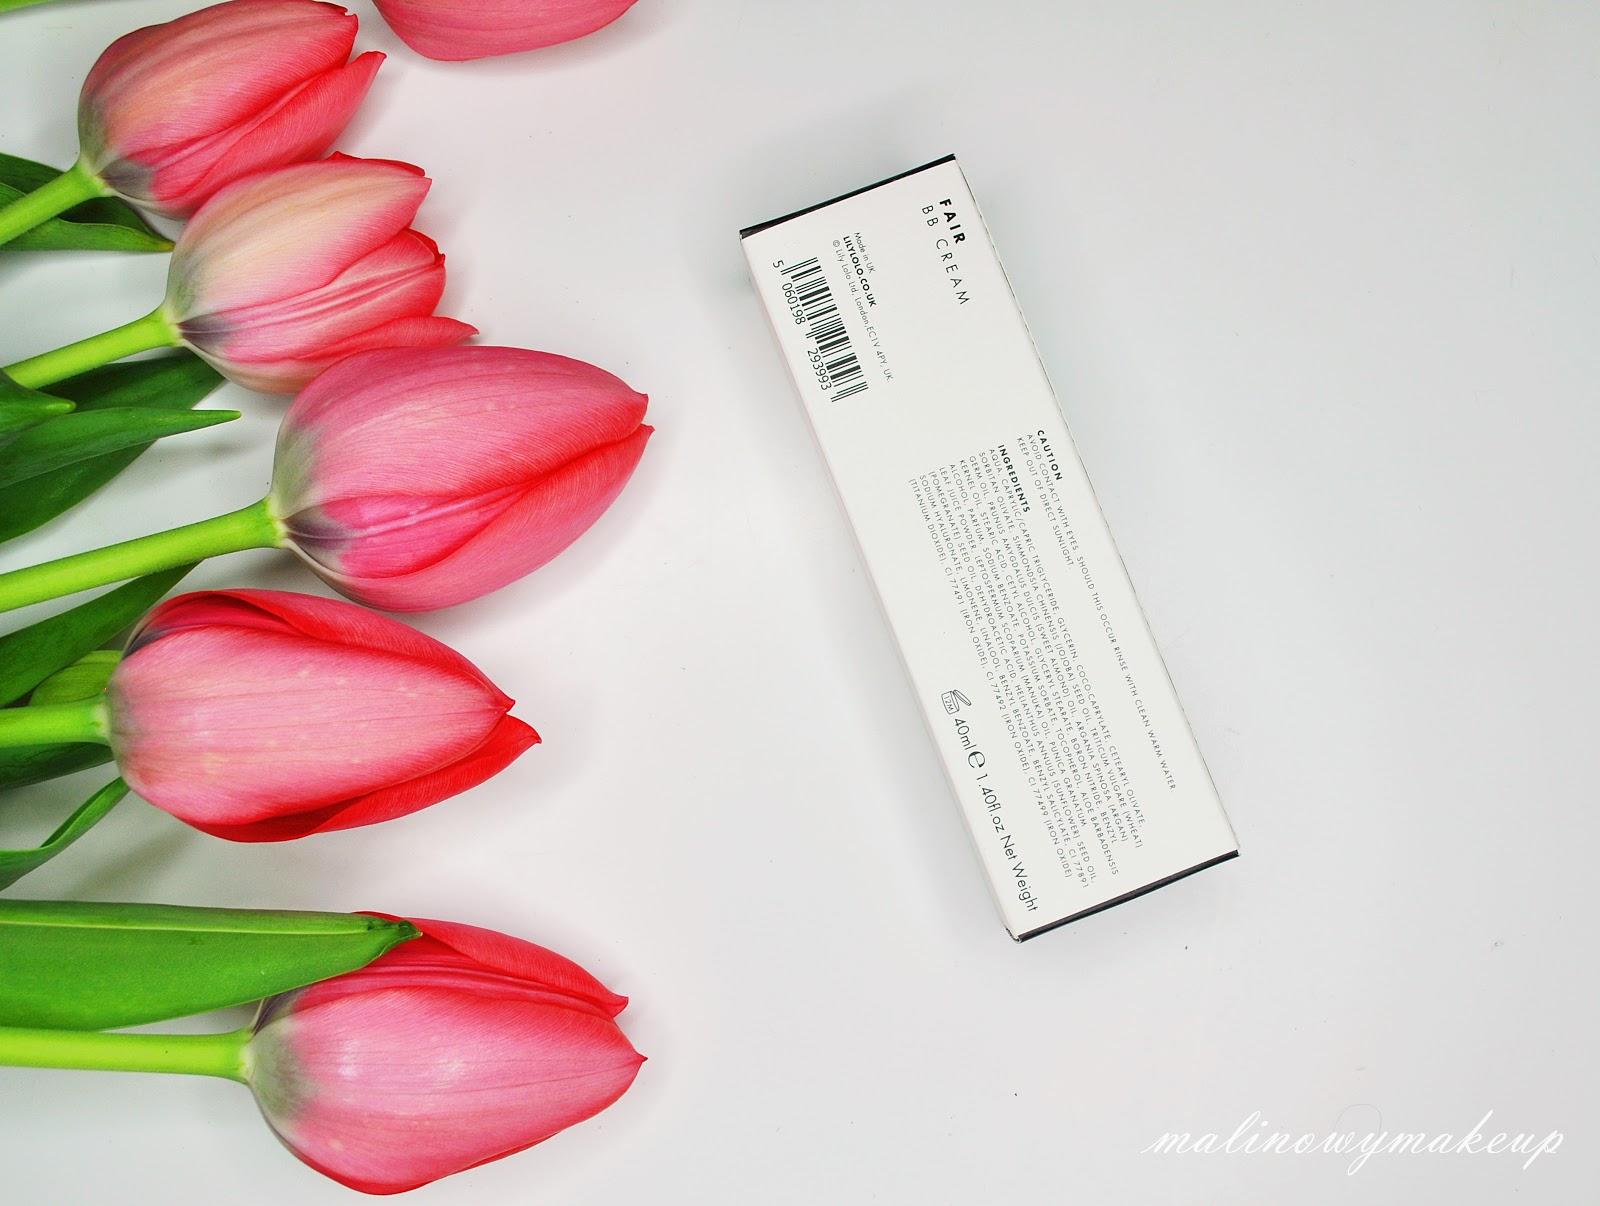 nauralny krem bb lily lolo fair opinie recenzja mineralny swatch